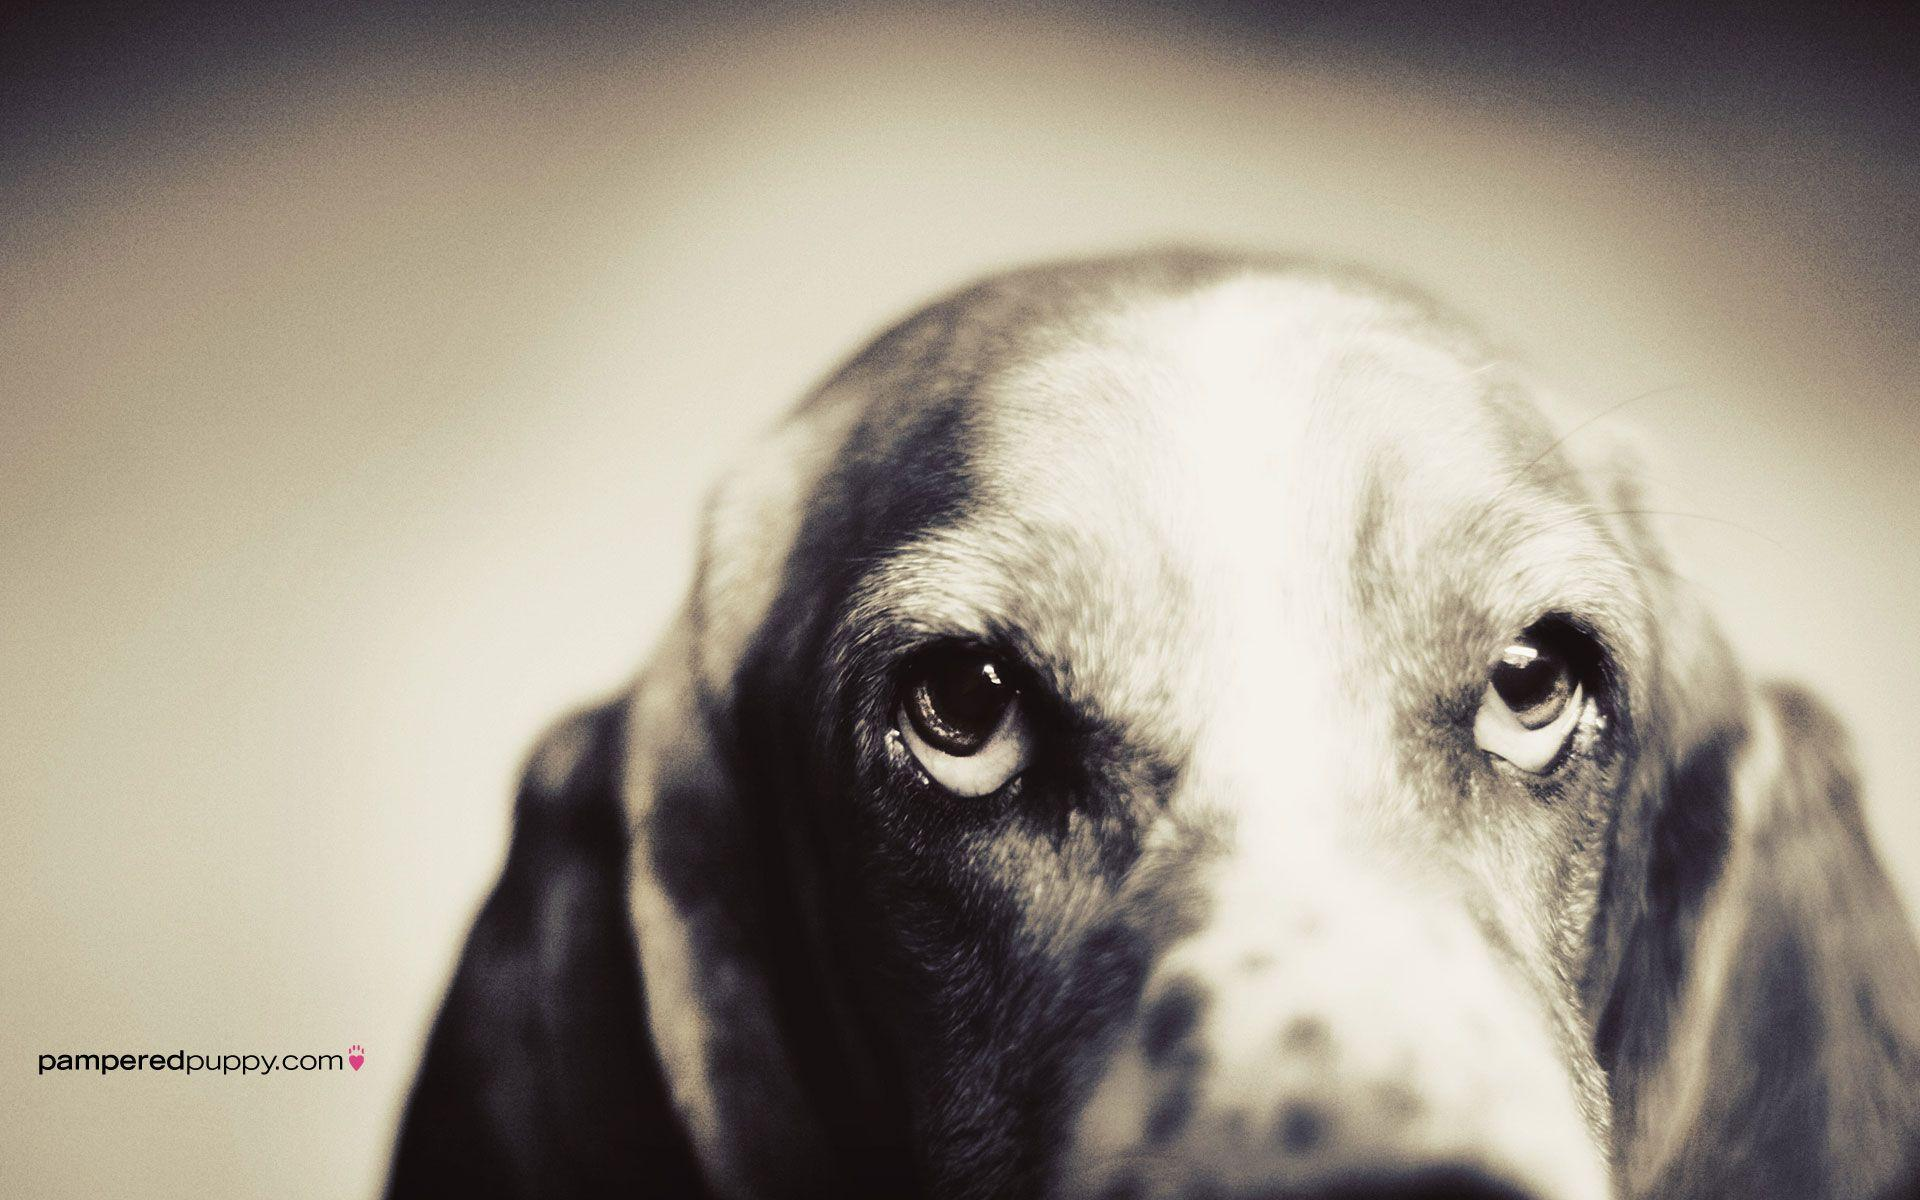 basset hound puppies wallpaper - photo #26